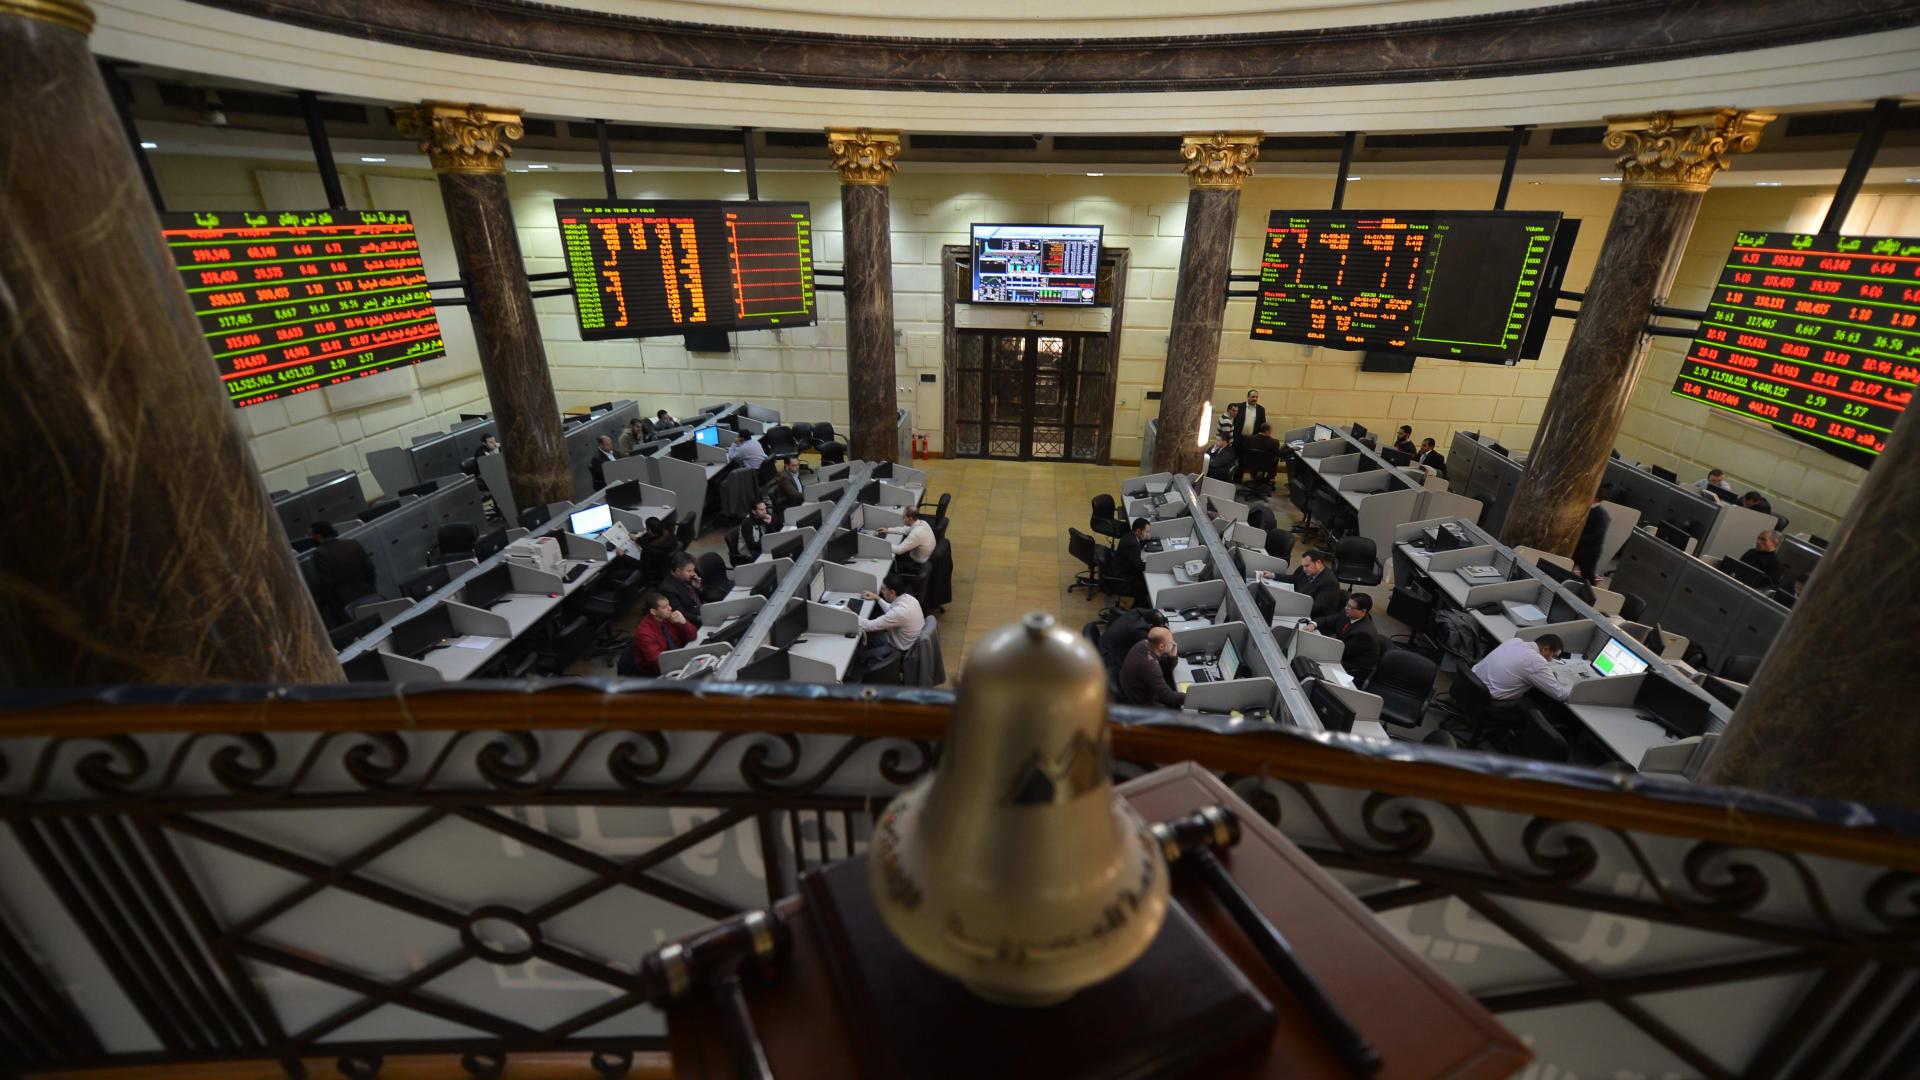 البورصة المصرية، 6 يناير/ كانون الثاني 2013